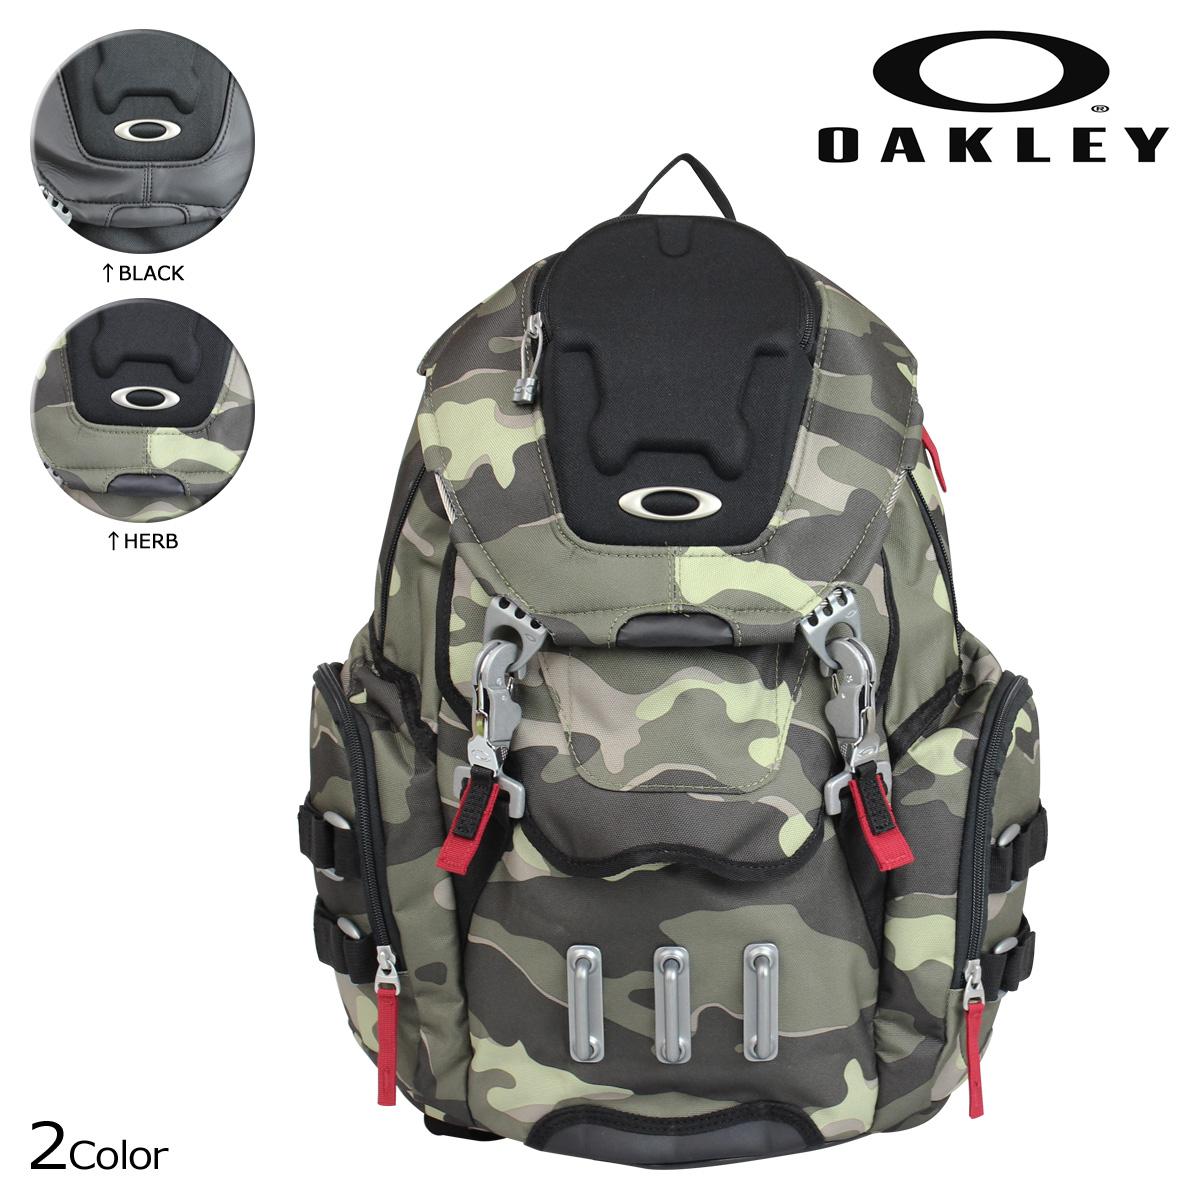 Whats up Sports: [SOLD OUT] Oakley Oakley backpack rucksack 92356 BATHROOM SINK men | Rakuten Global Market